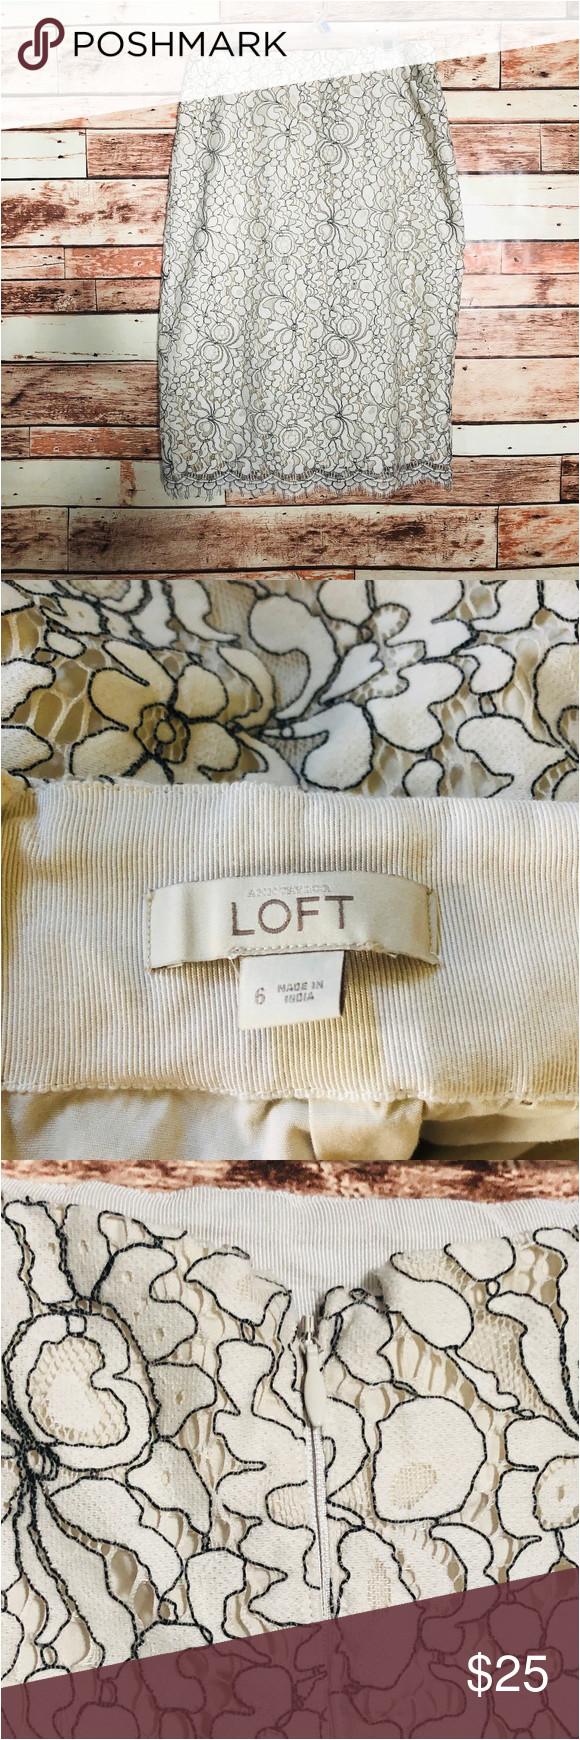 Ann Taylor Loft Love Card Ann Taylor Loft Cream Lace Overlay Skirt Ann Taylor Loft